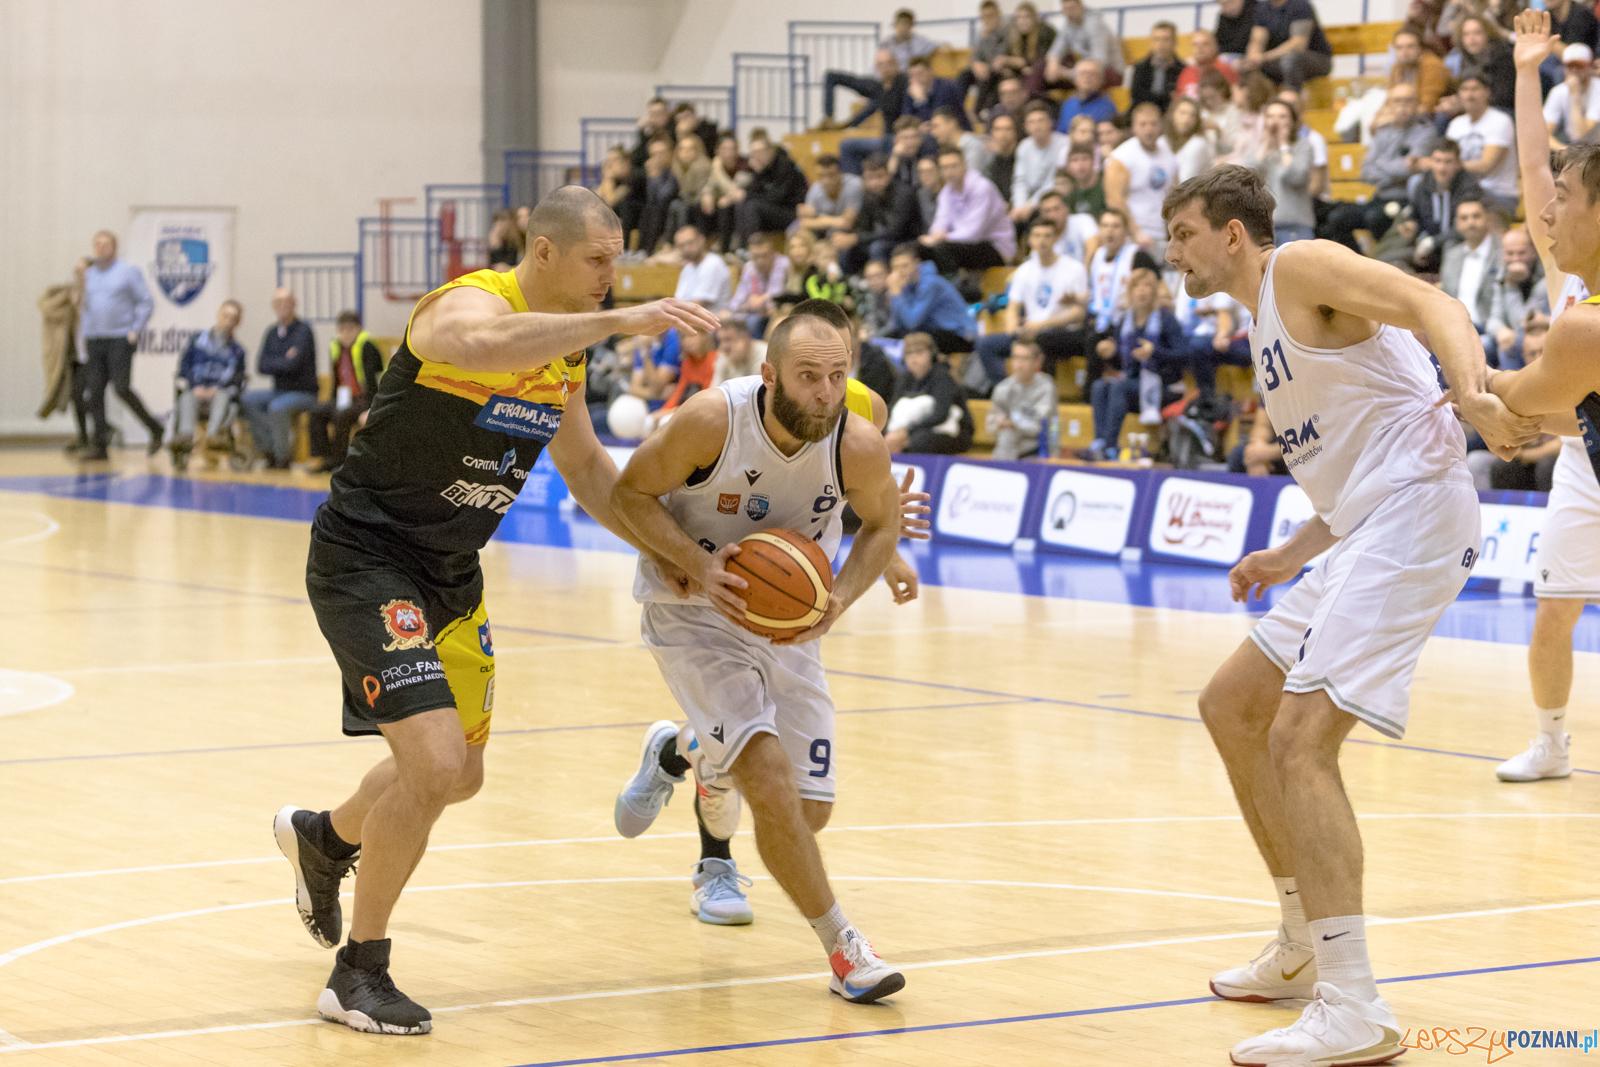 Biofarm Basket Poznań - Rawlplug Sokół Łańcut  Foto: lepszyPOZNAN.pl/Piotr Rychter